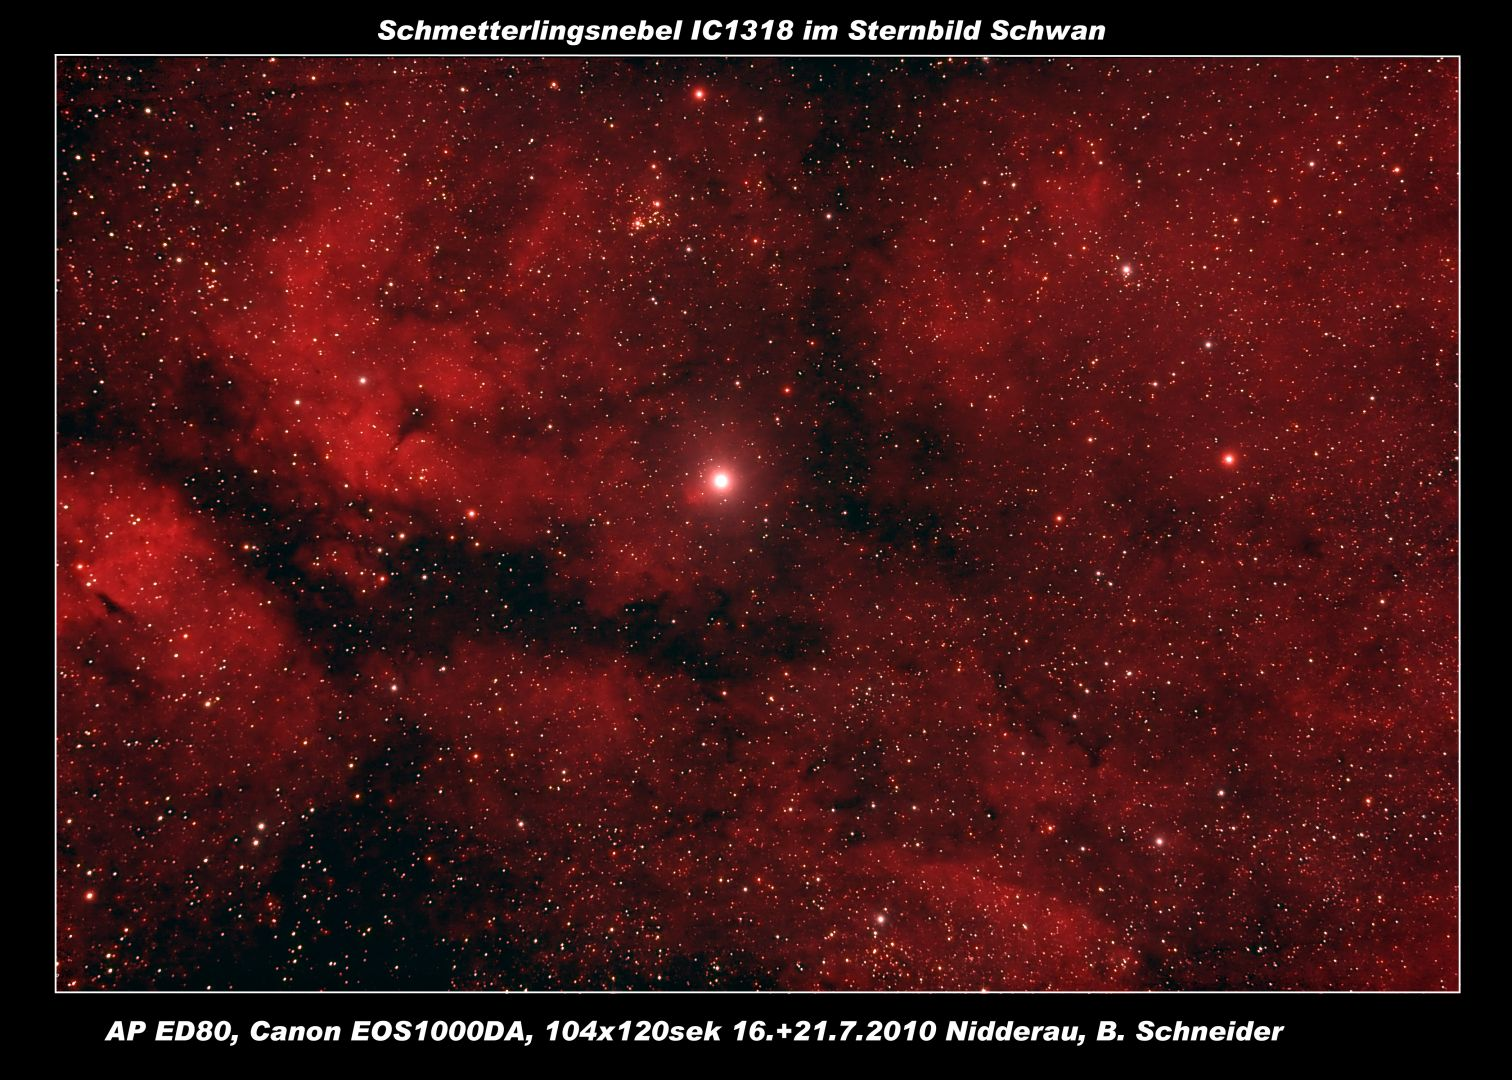 Schmetterlingsnebel IC1318